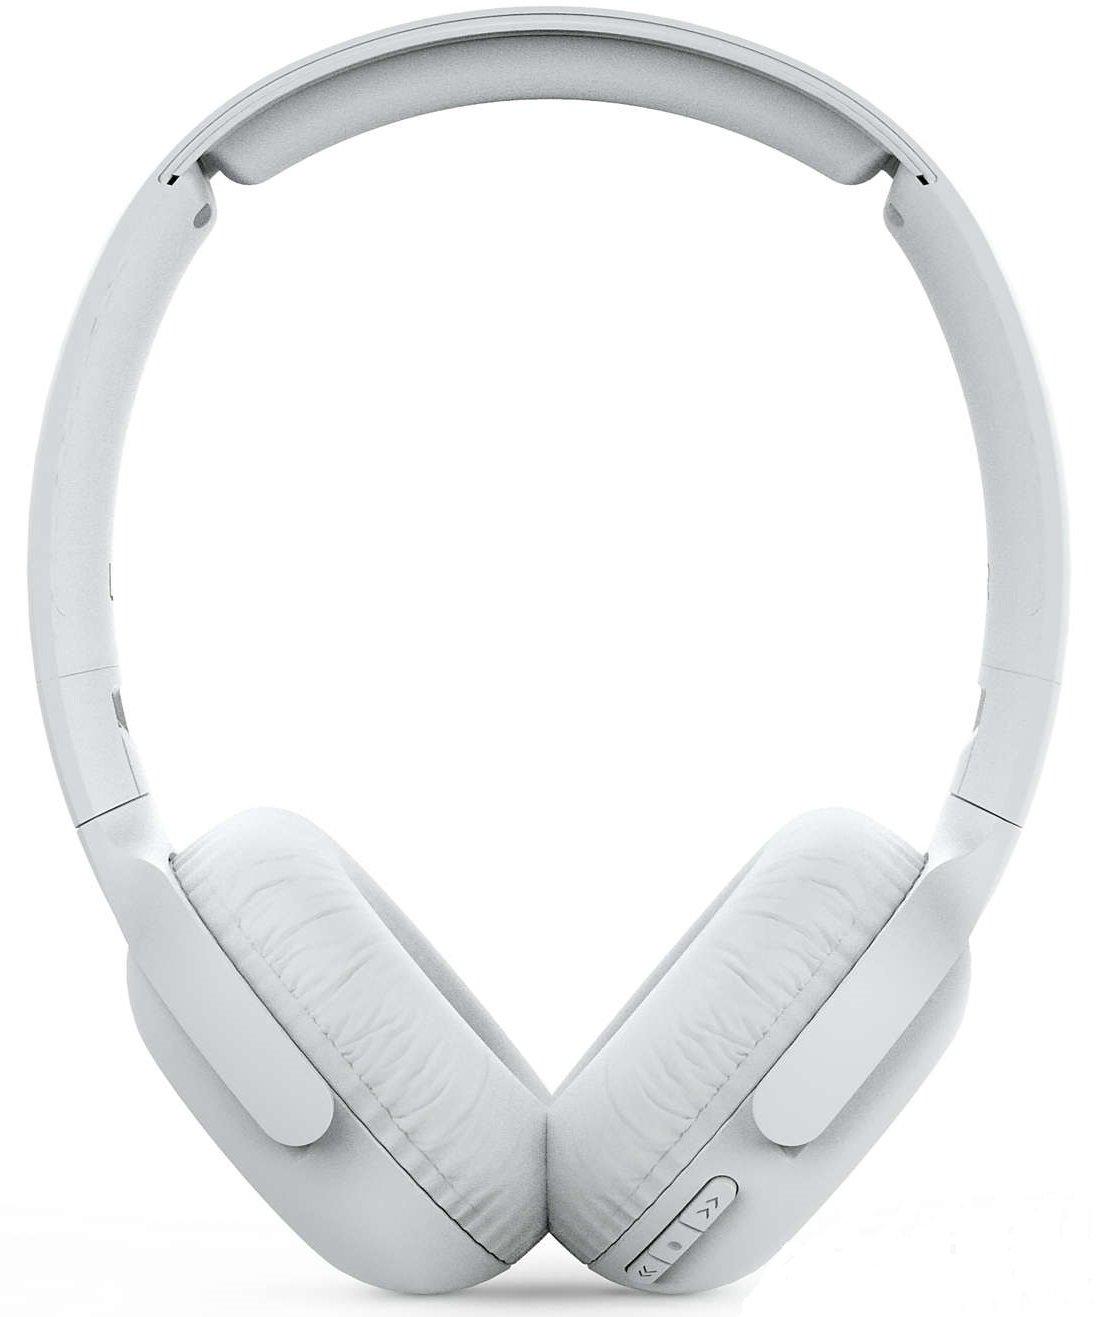 Słuchawki nauszne PHILIPS TAUH202WT00 Biały